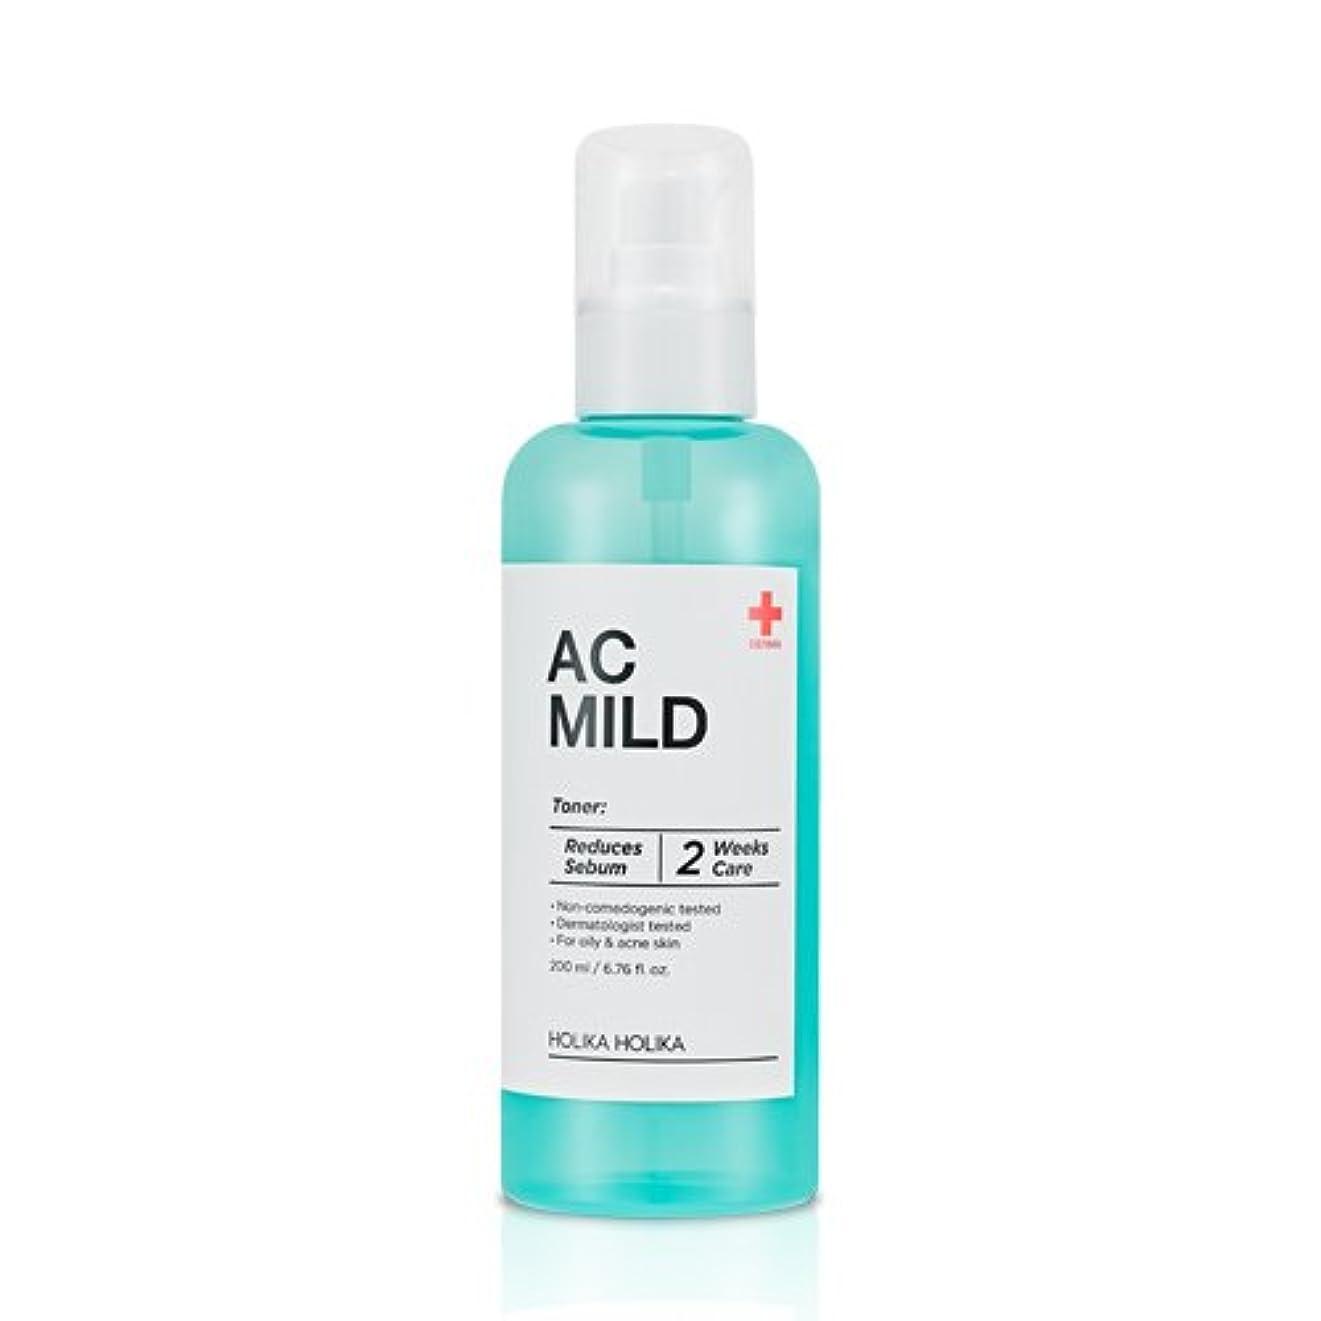 命令的持っている厳しいホリカホリカ ACマイルドスキントナー/HolikaHolika AC Mild Skin Toner 200ml?化粧水 [並行輸入品]